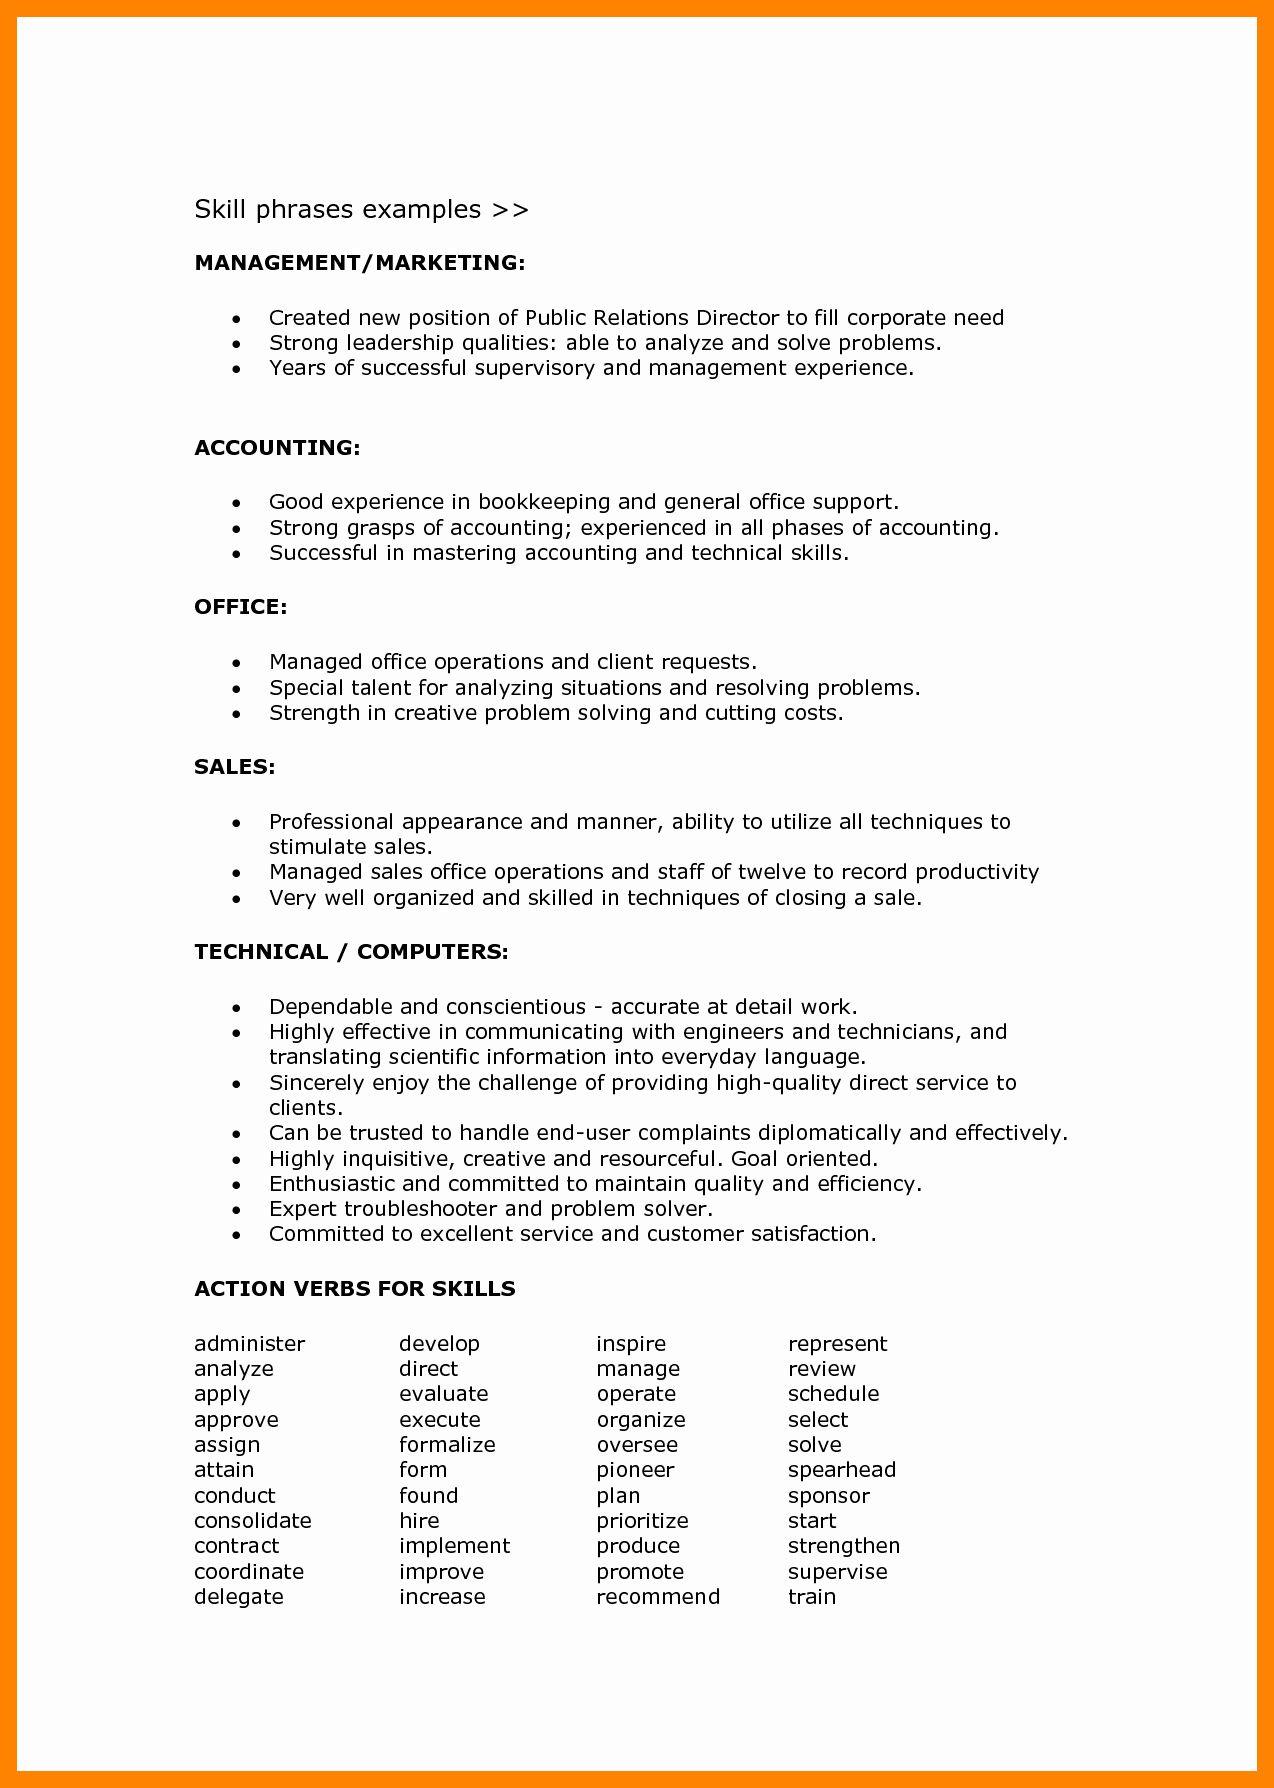 Resume Language Skills Example Lovely Language Skills In Resume Describing Language Skills In 2020 Resume Examples Job Resume Examples Resume Skills